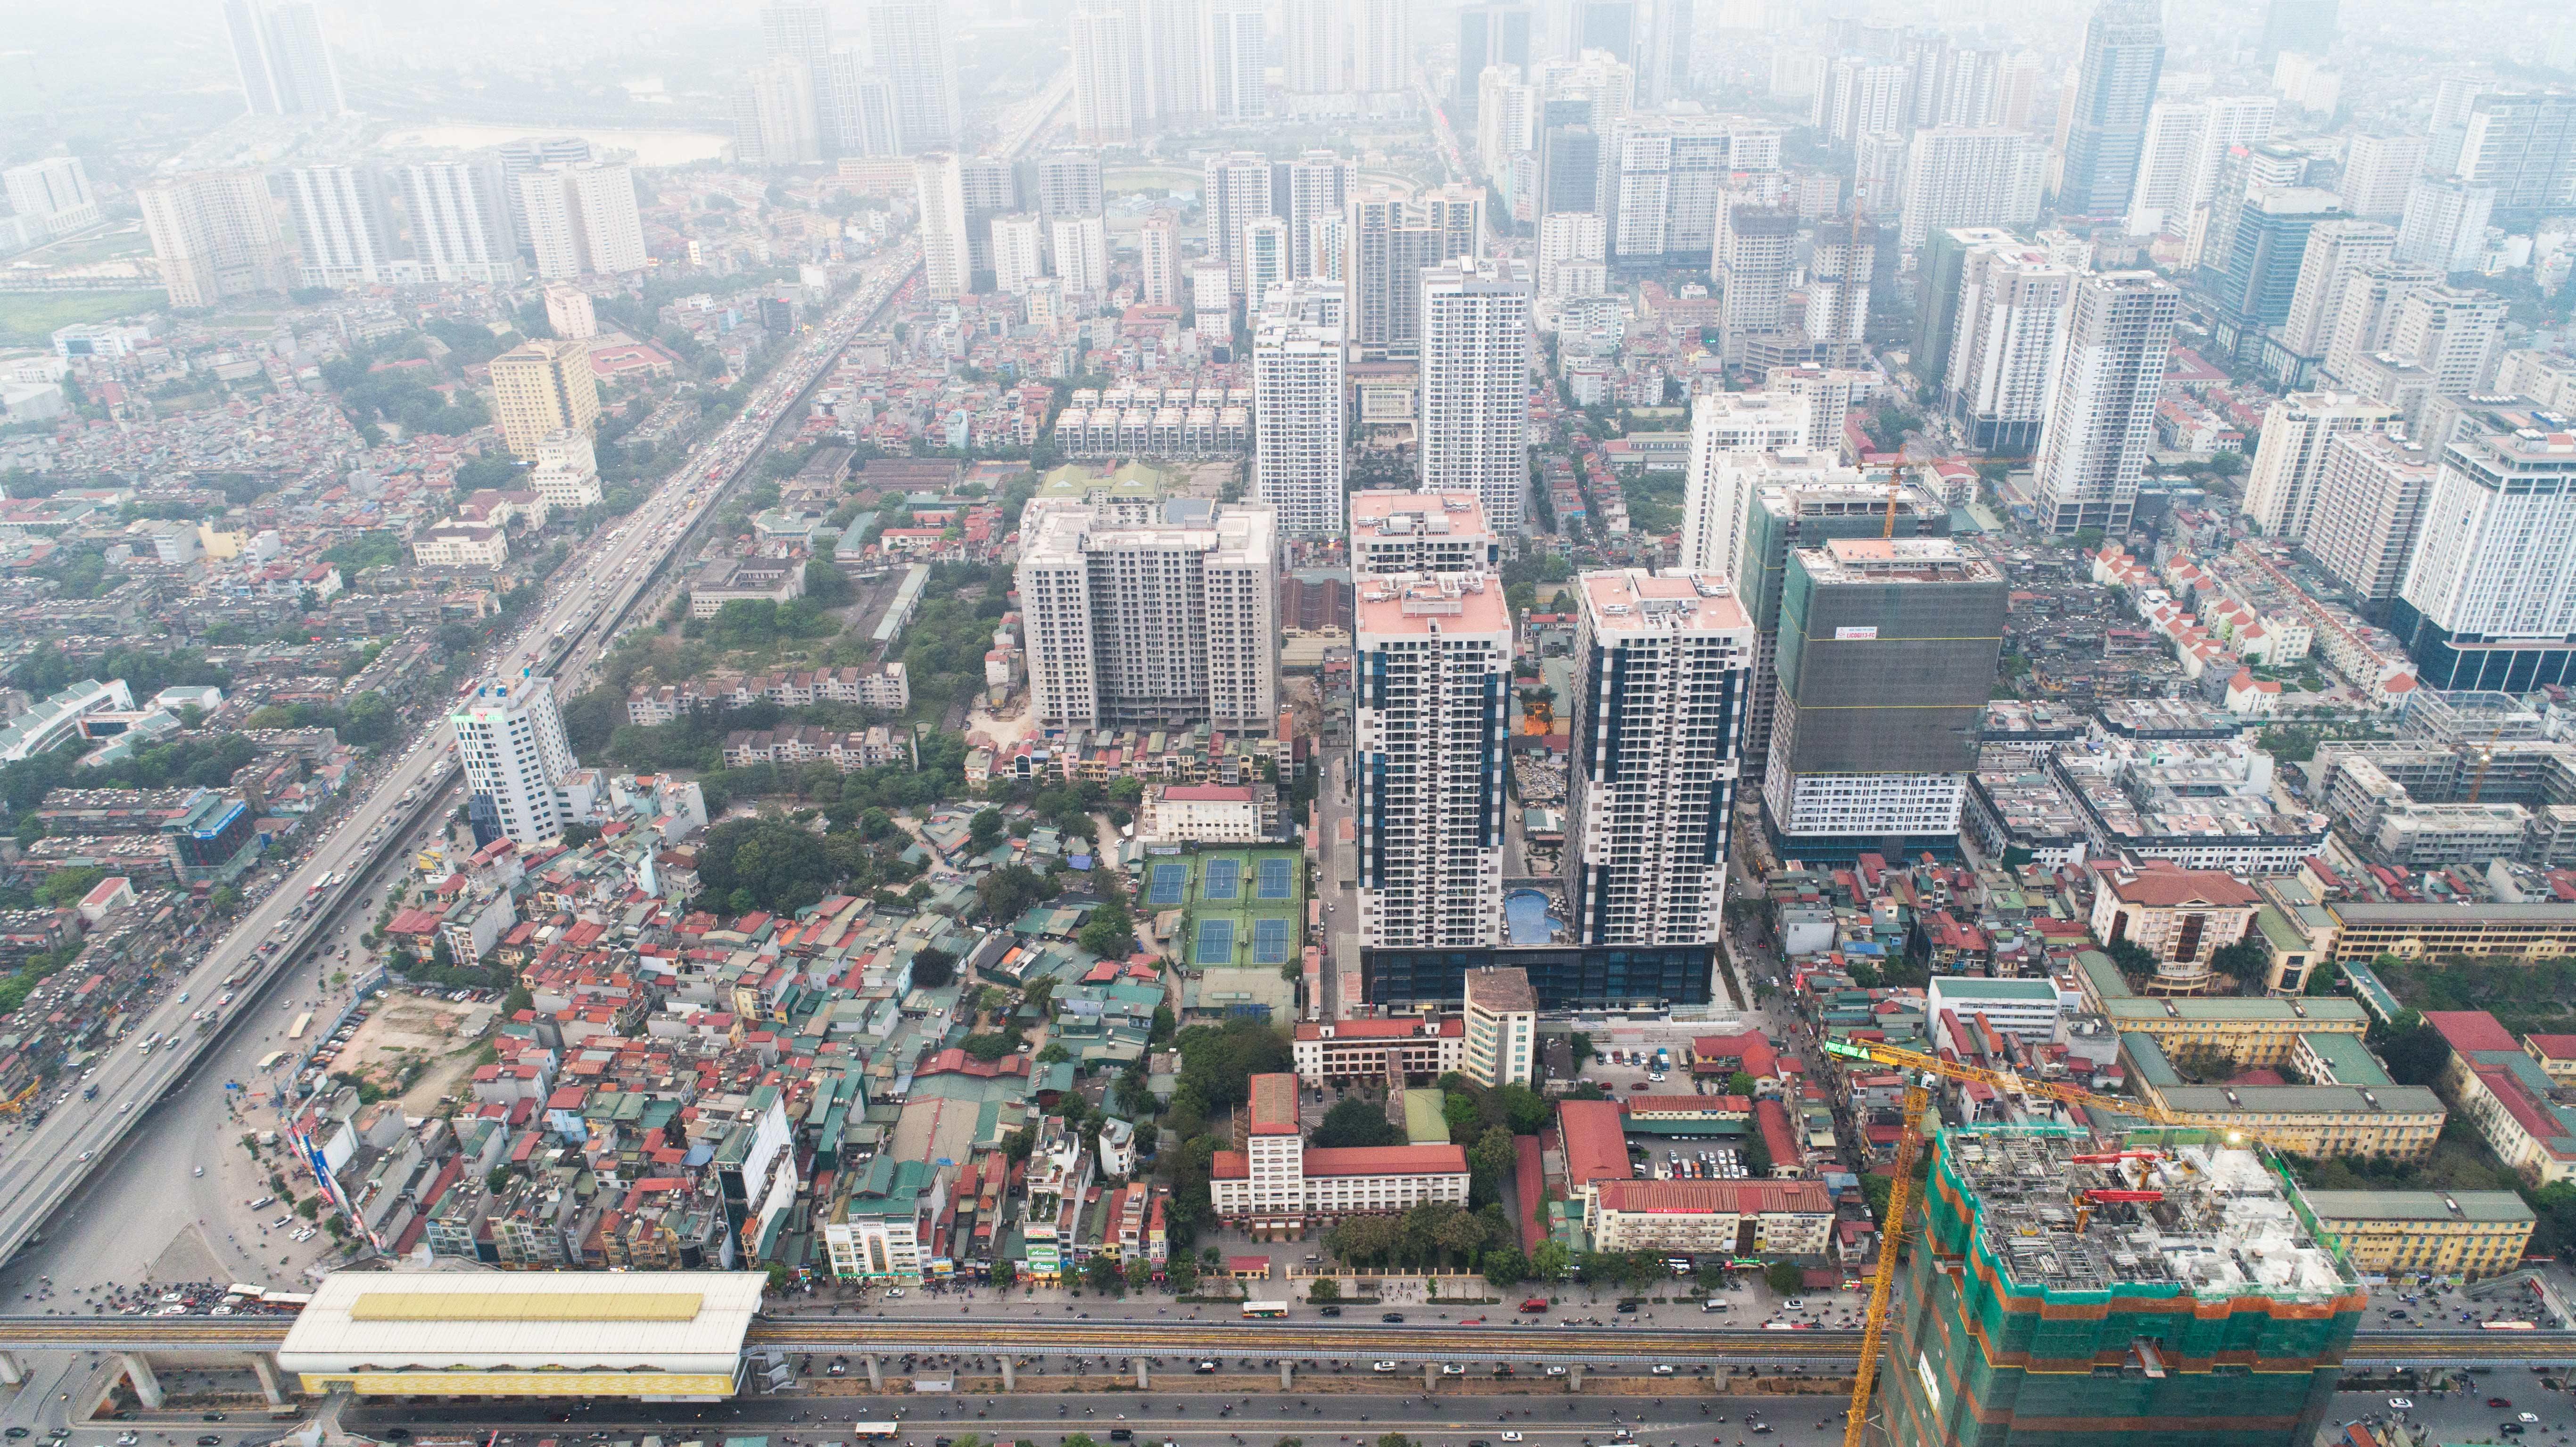 BĐS tuần qua: Hàng loạt đại dự án BĐS công nghiệp, nhà ở được đầu tư xây dựng